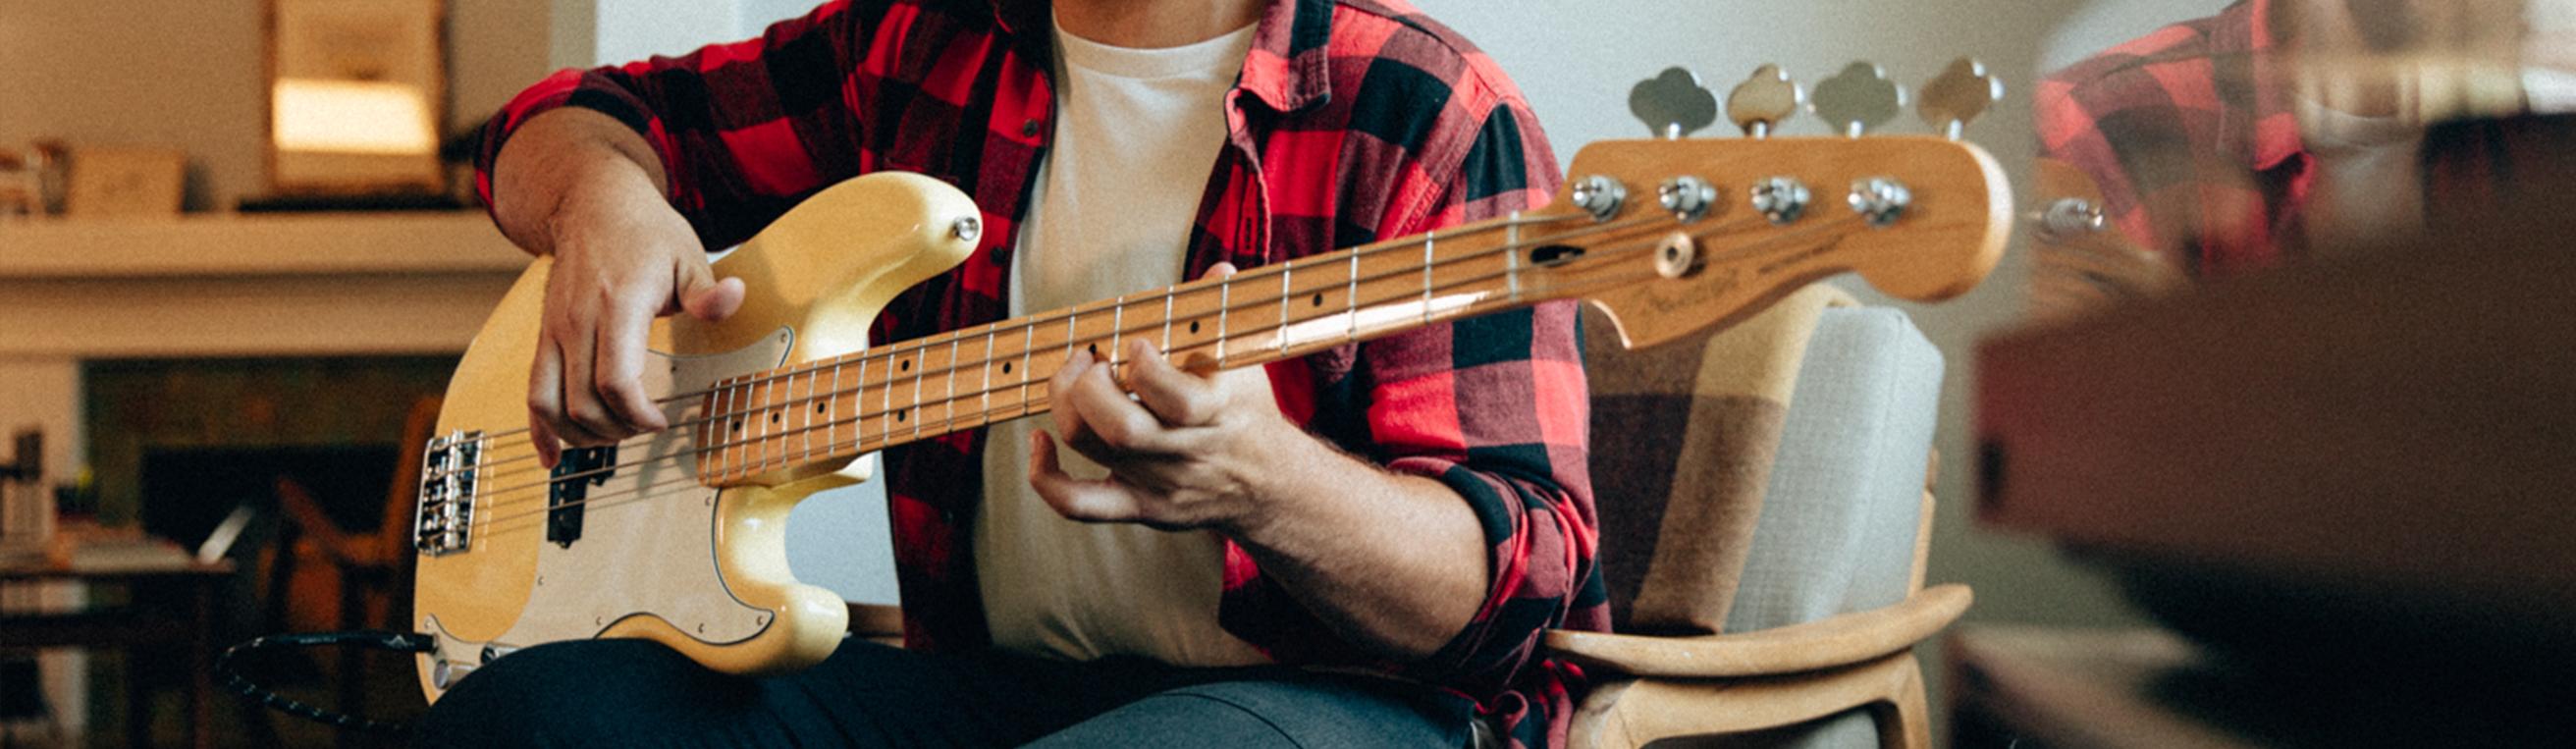 Zdiddy's Guitar Emporium  - cover